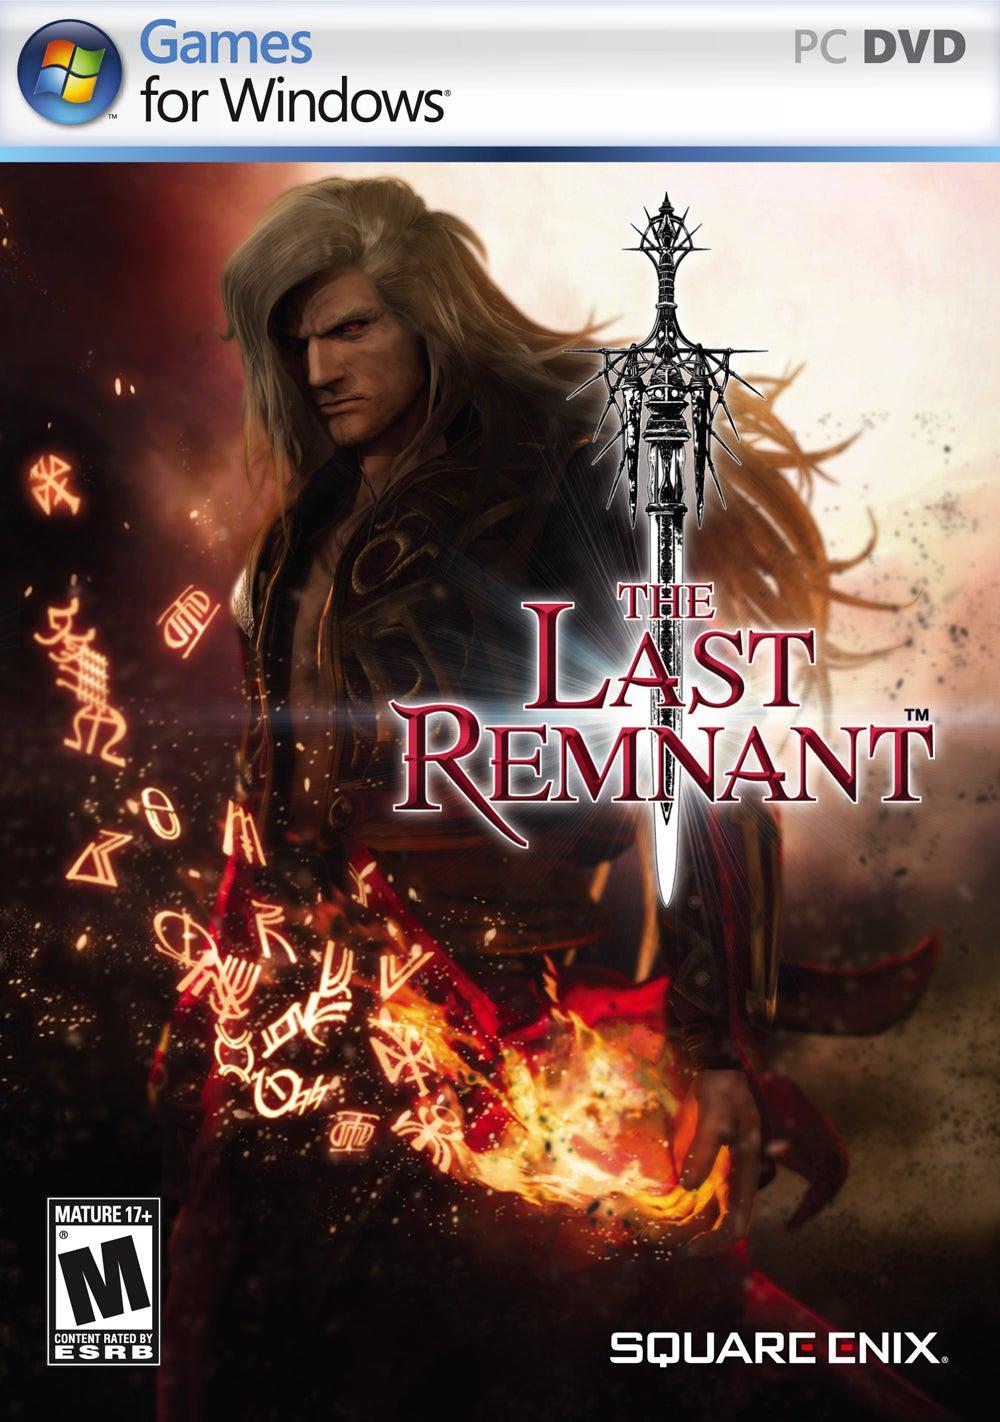 تحميل النسخه الكاملة من لعبة The Last Remnant مجاناً وبرابط سريع